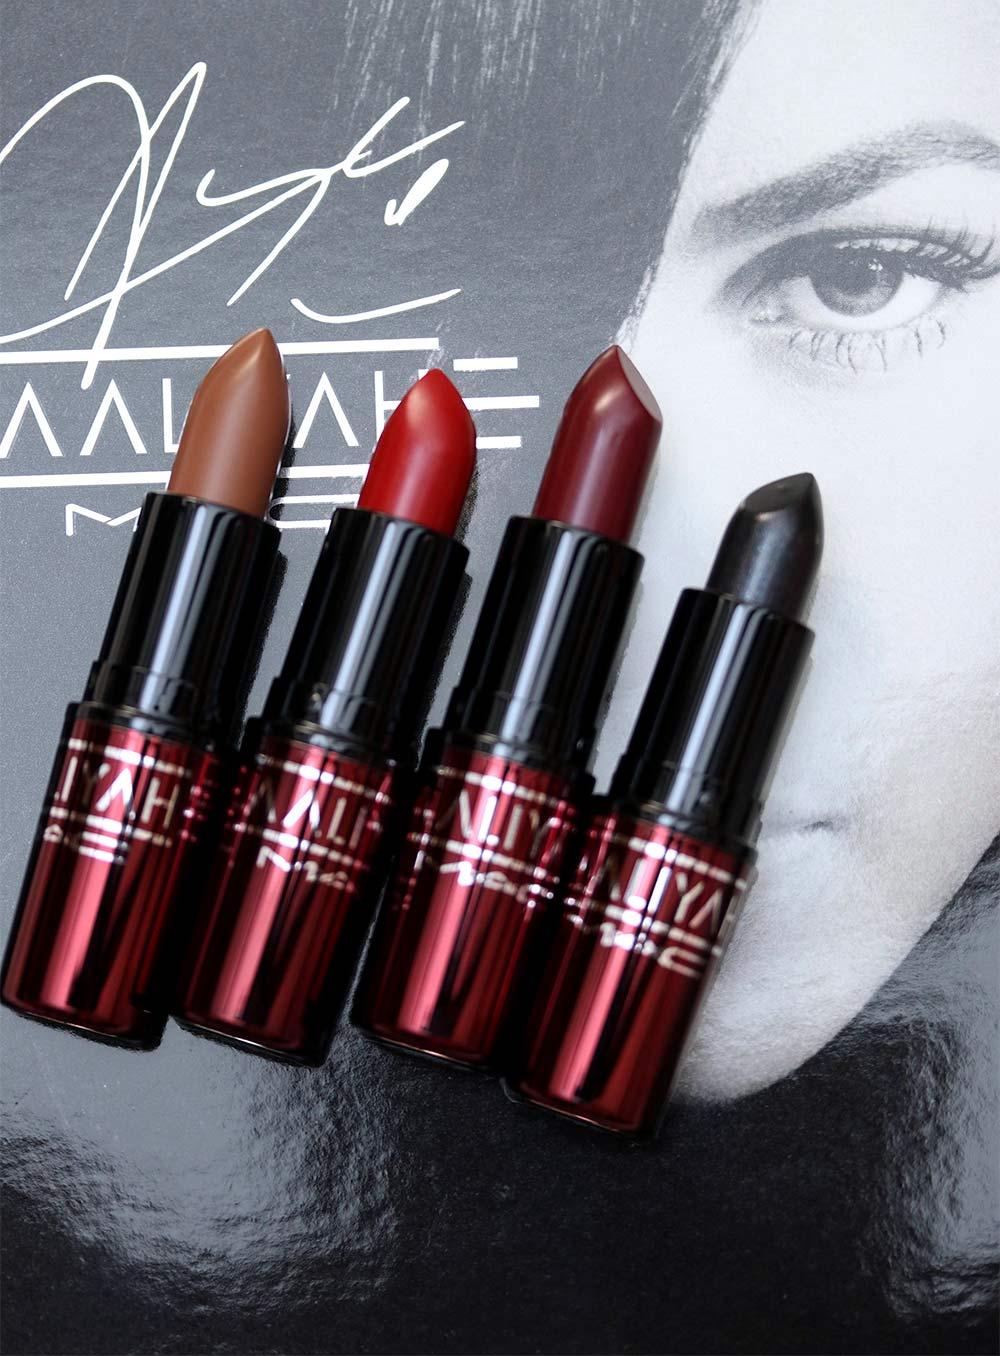 mac aaliyah lipsticks